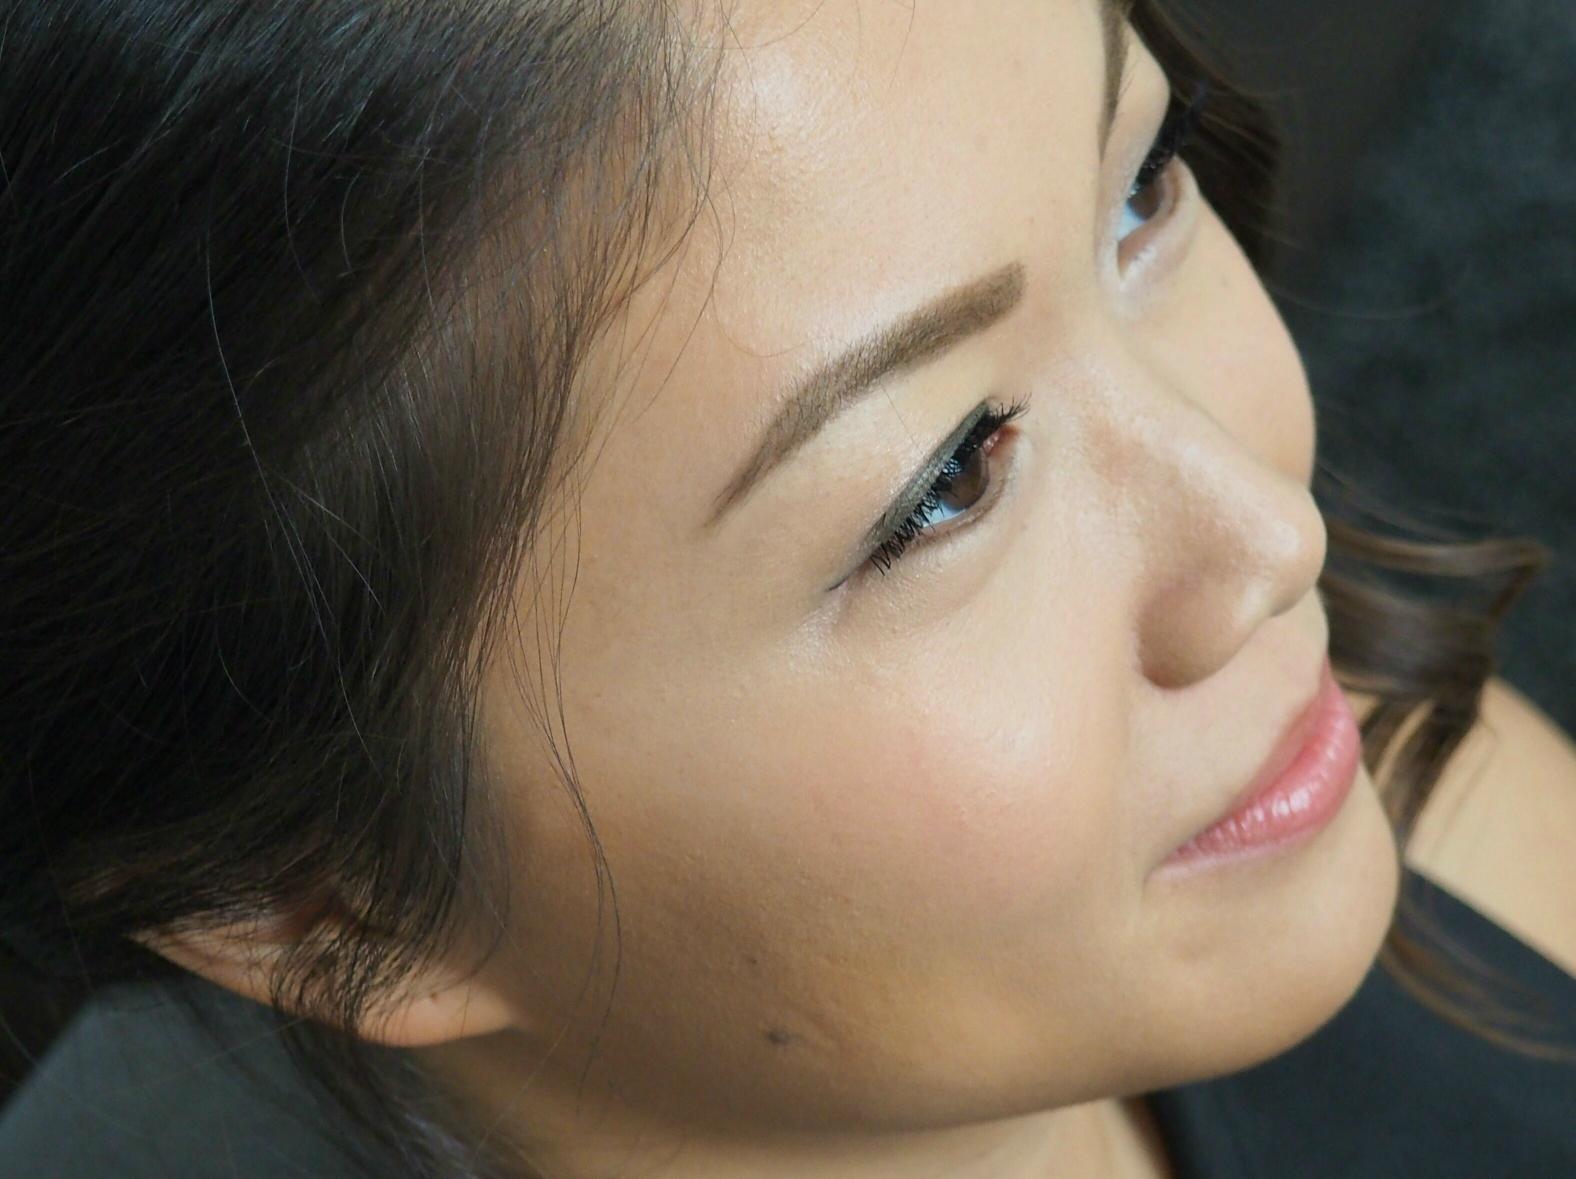 Korean monolid single eyelid tape makeup